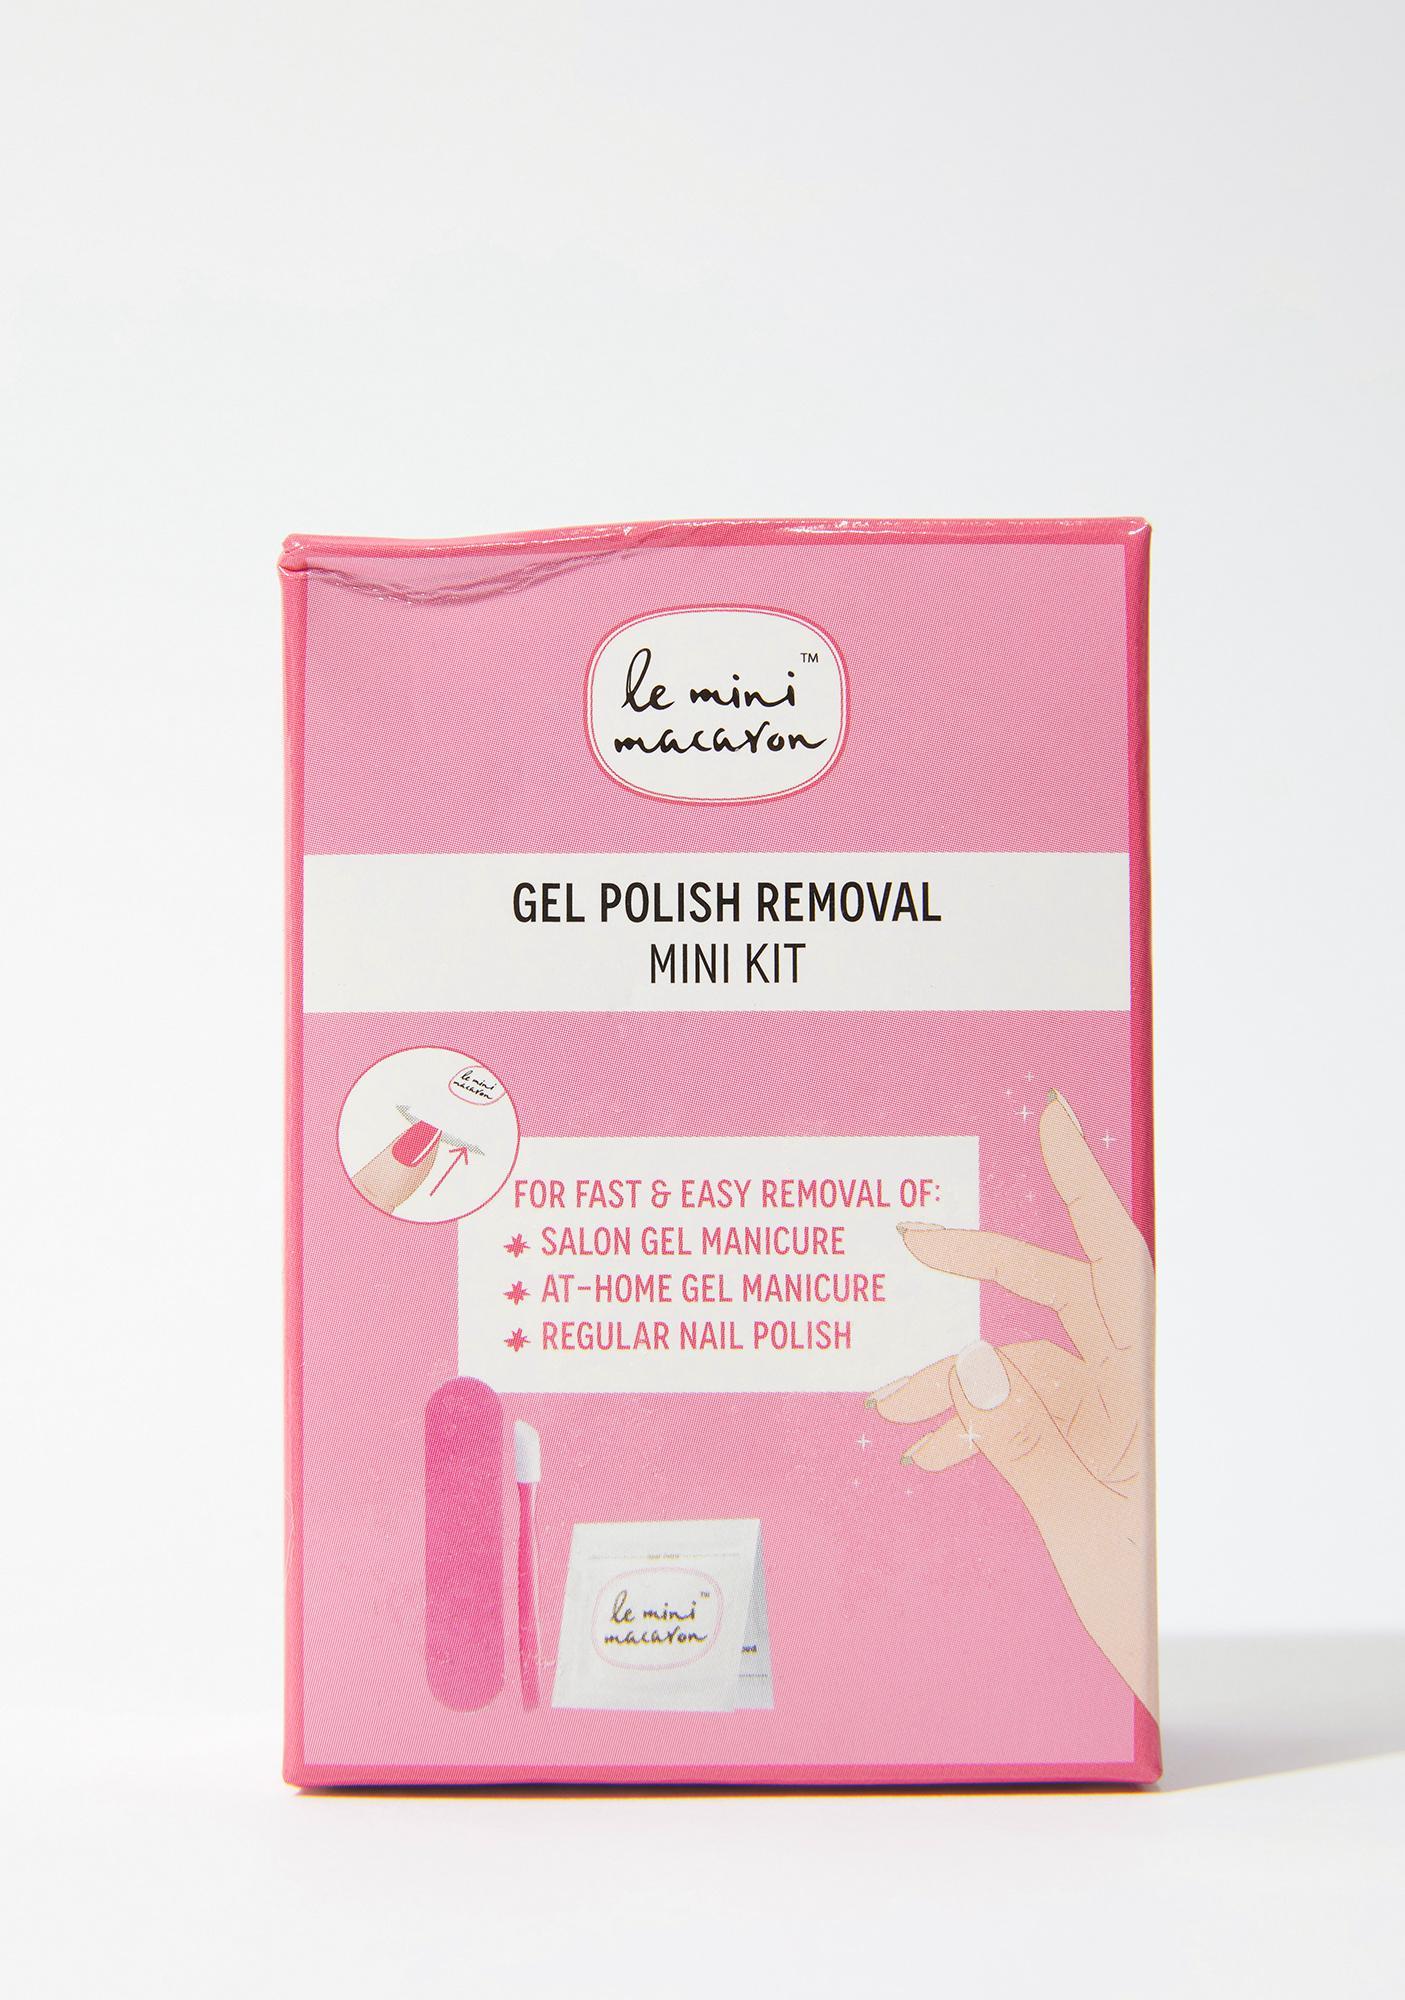 Le Mini Macaron Gel Polish Remover Mini Kit